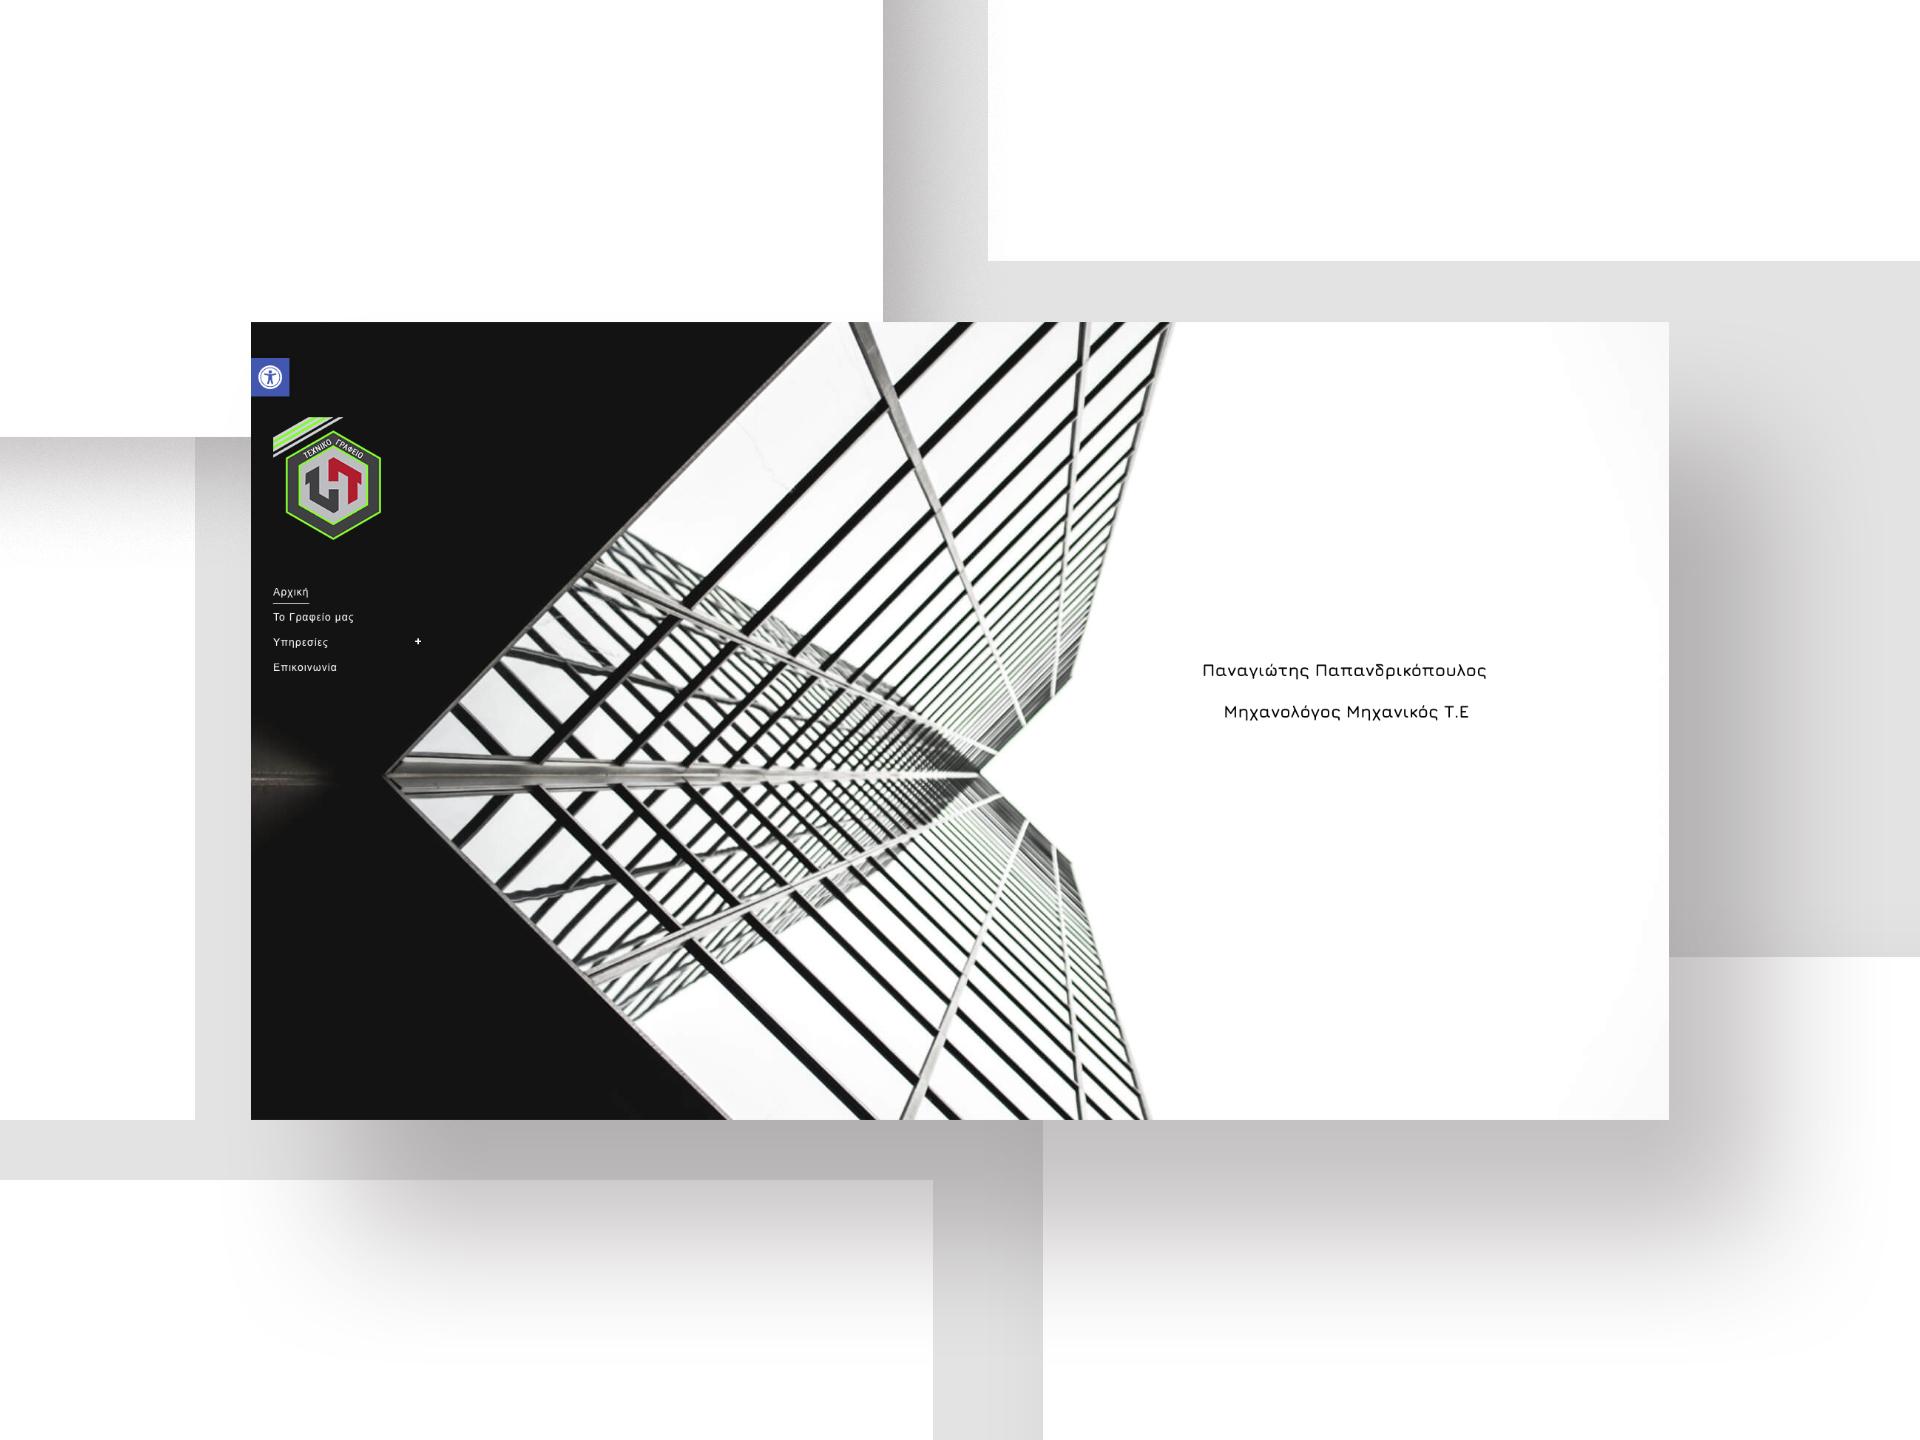 Κατασκευή ιστοσελίδων για αμέα - istoselida.site